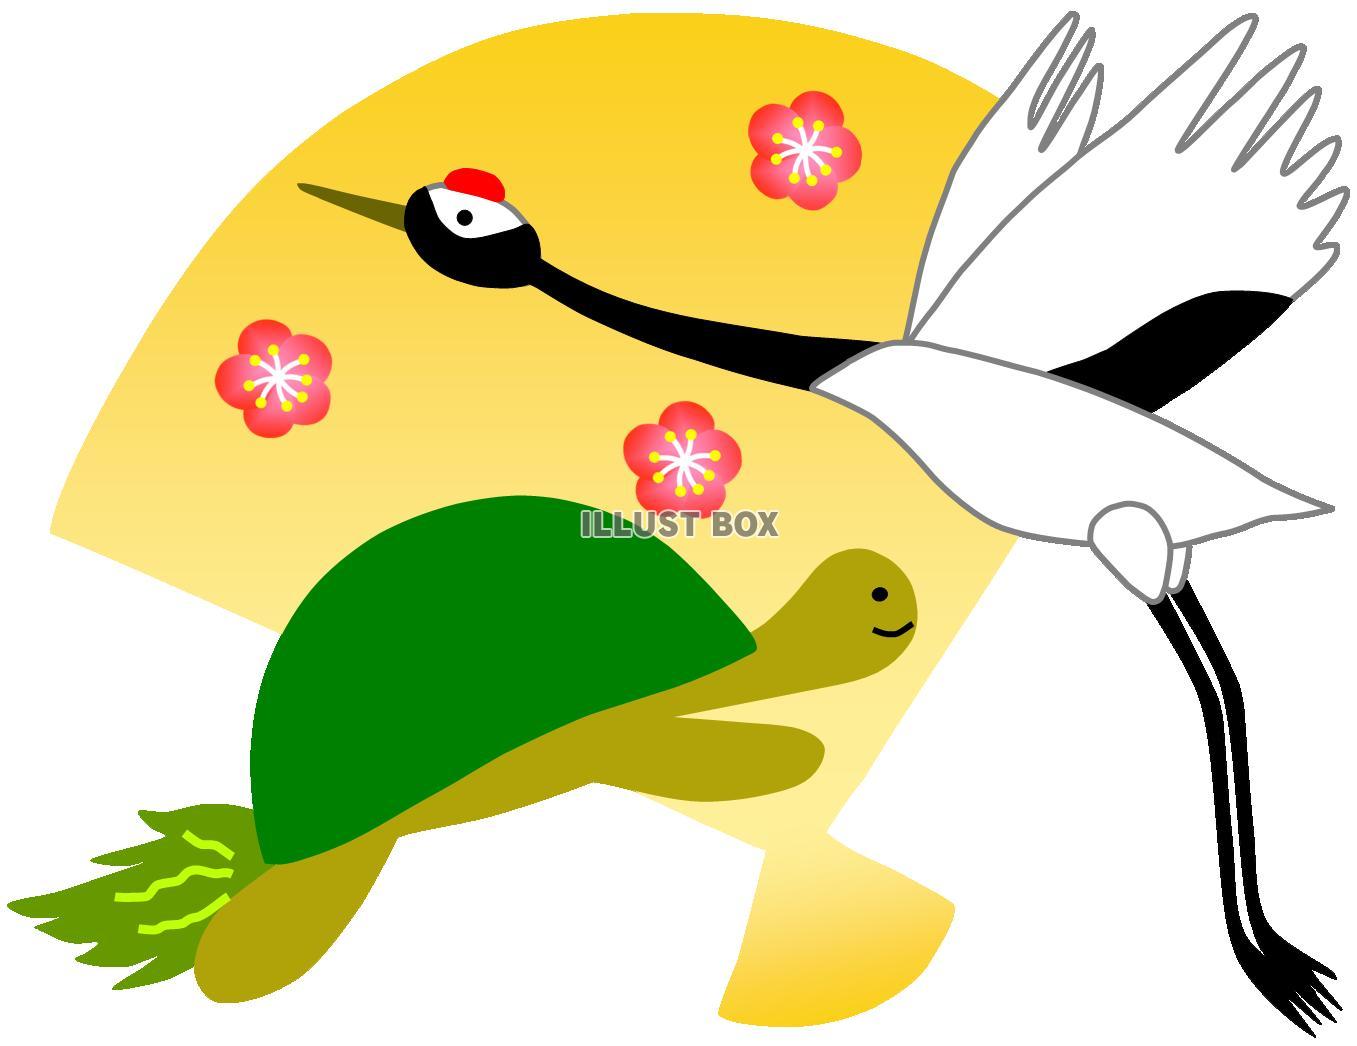 無料イラスト 鶴亀と扇(縁起物、敬老・長寿お祝い、結婚、年賀状)